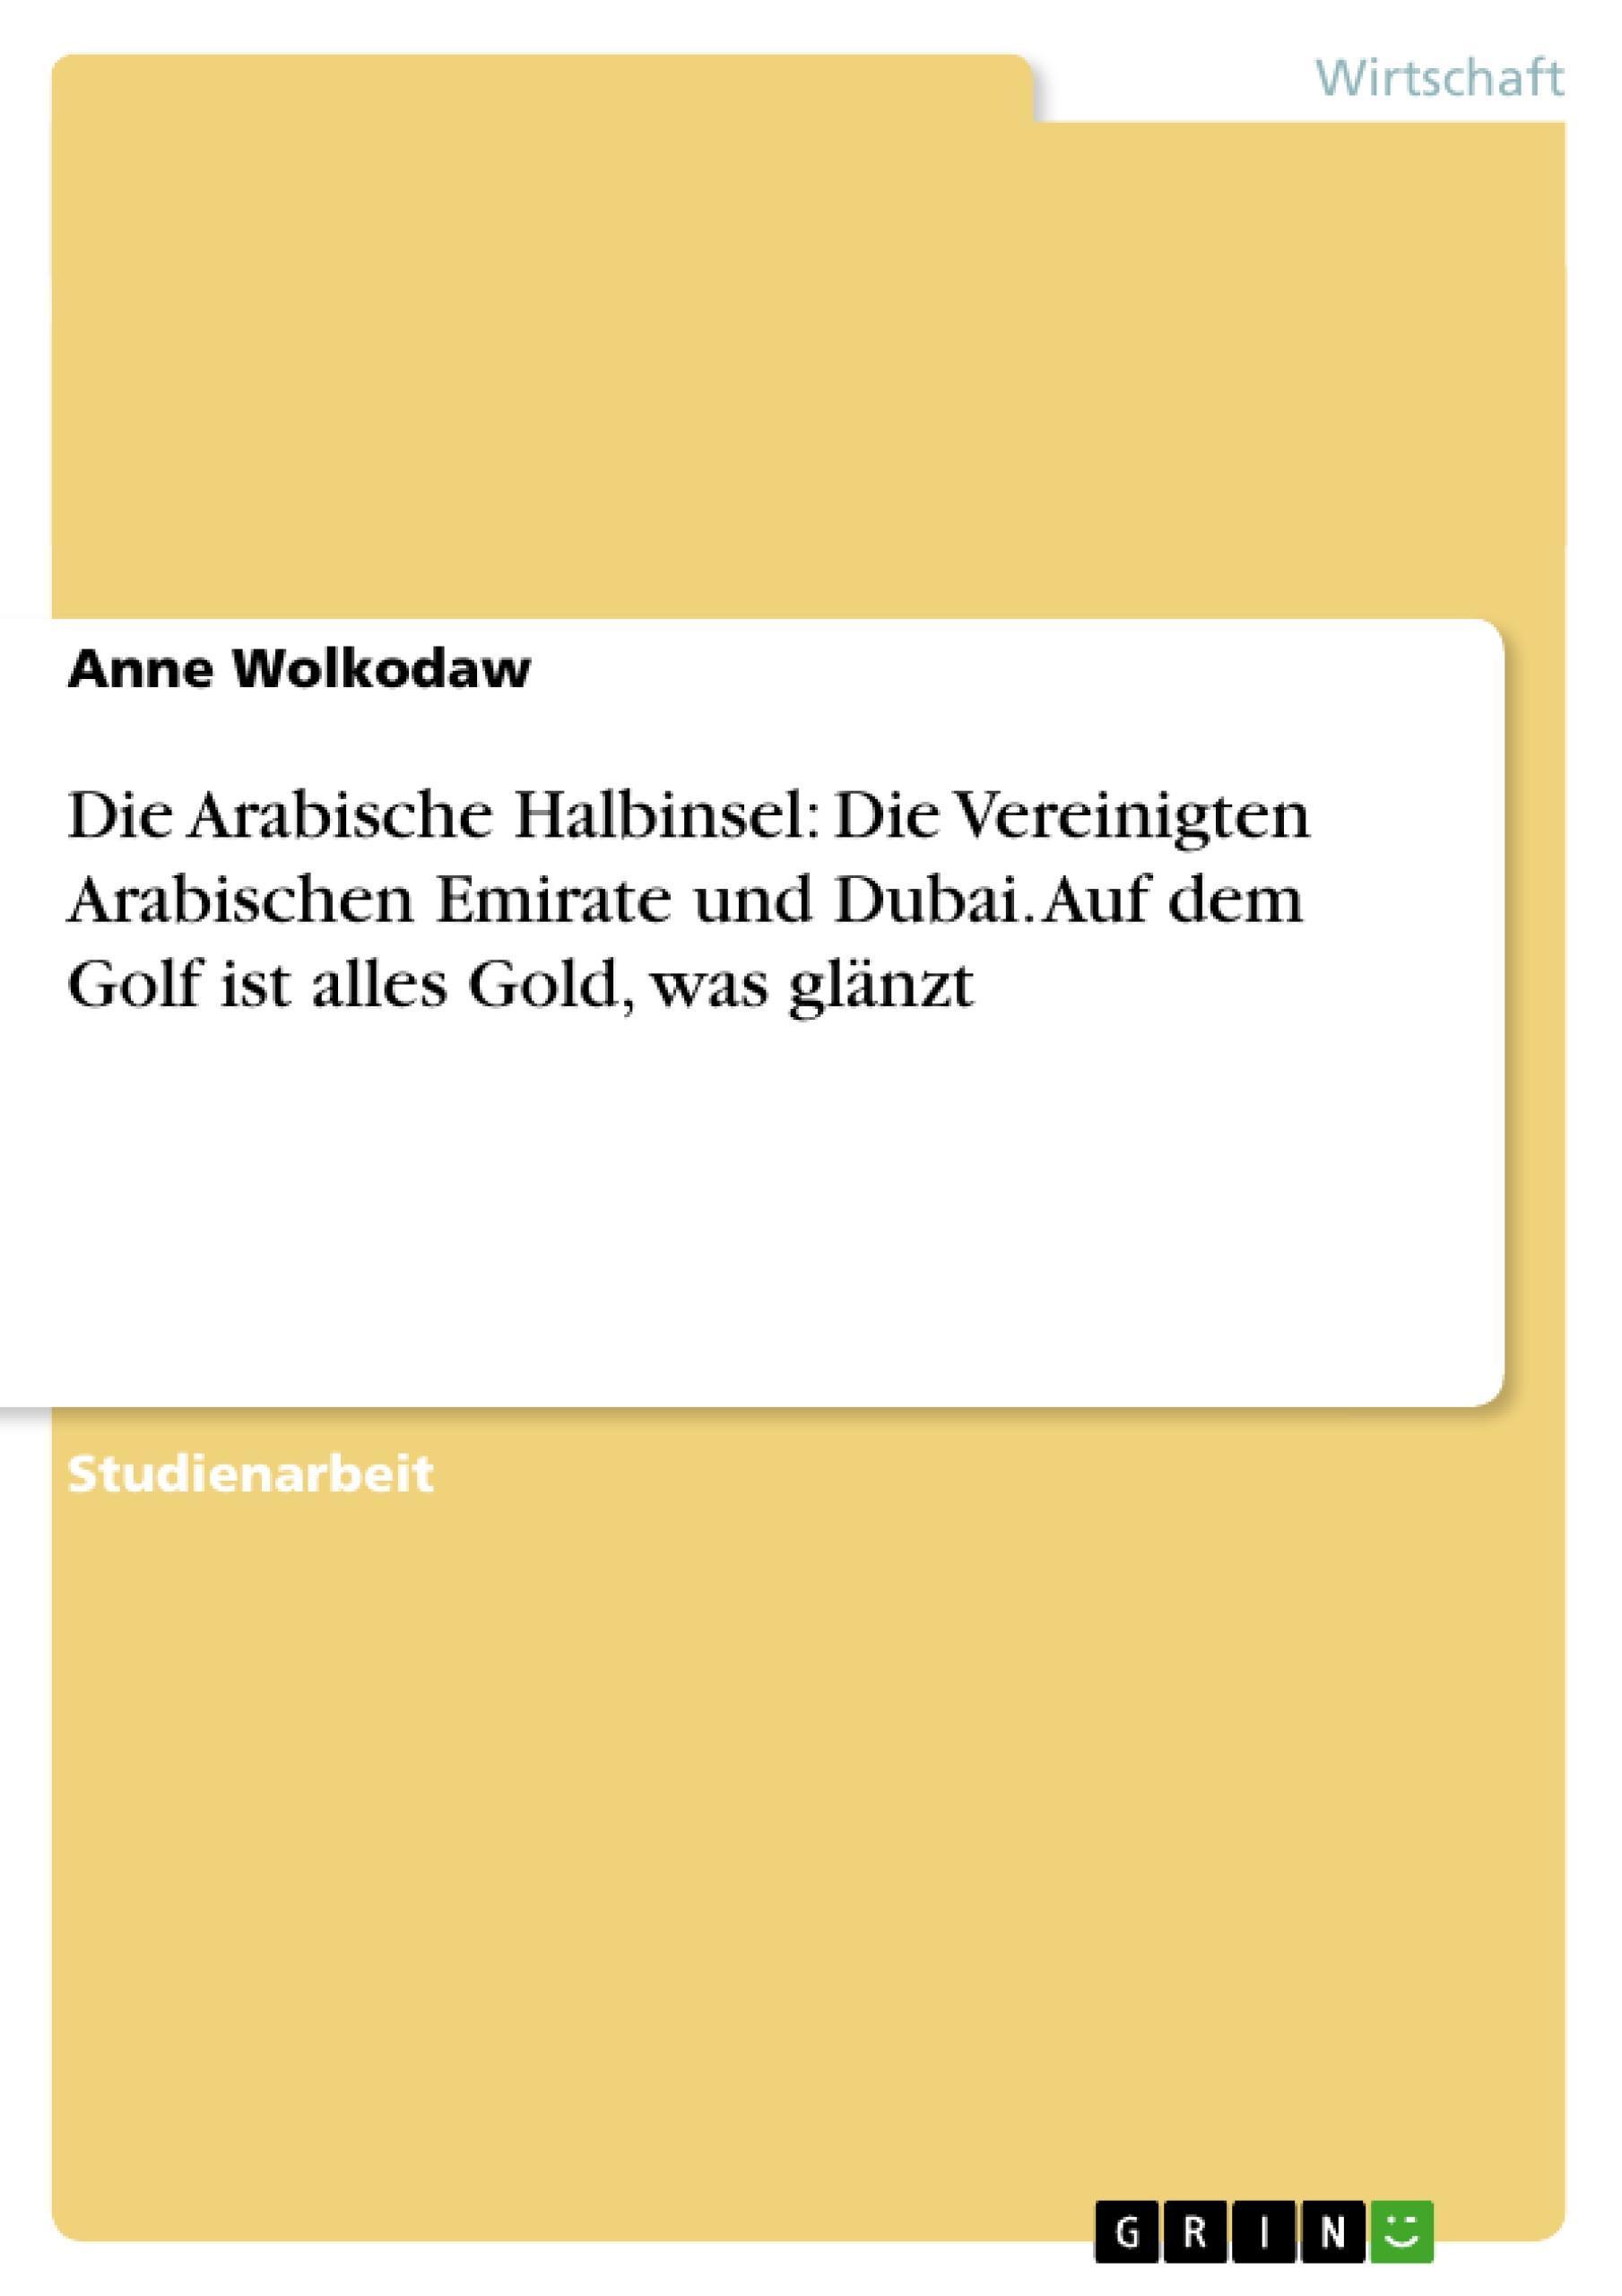 Die Arabische Halbinsel: Die Vereinigten Arabischen Emirate und Dubai. Auf  ...